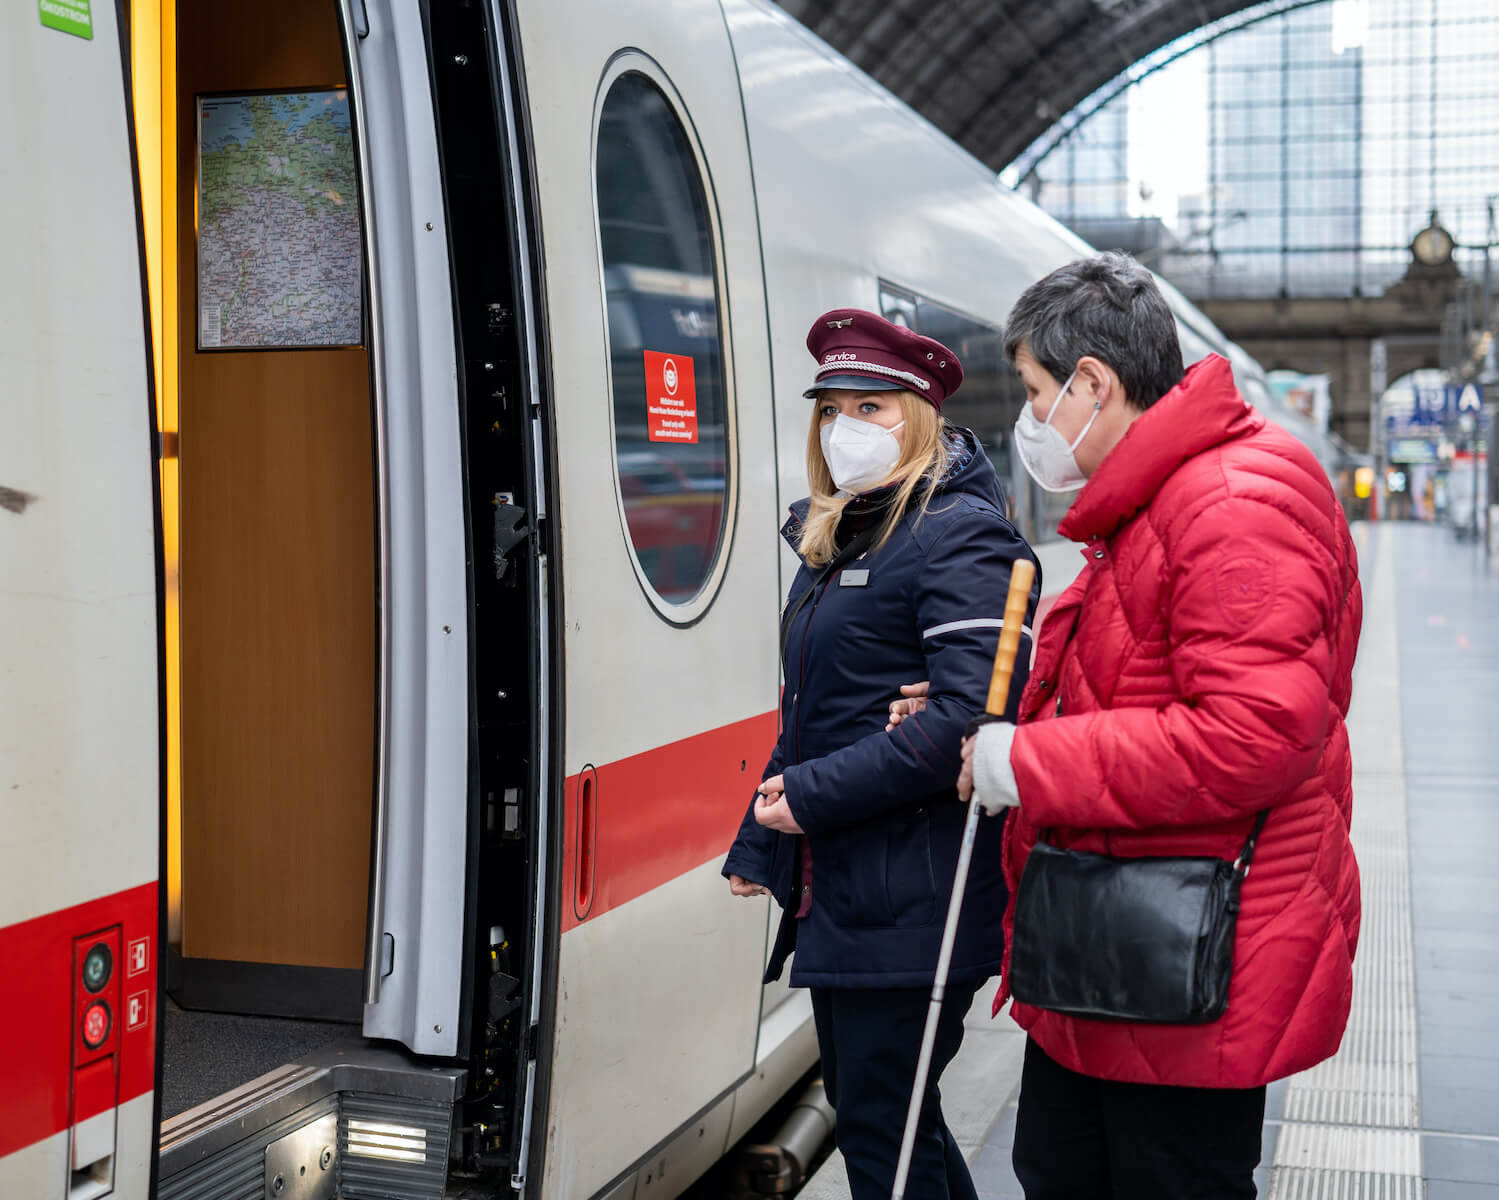 Eine DB-Mitarbeiterin mit FFP2-Maske begleitet eine Frau mit eingeschränkter Sehfähigkeit in einen ICE